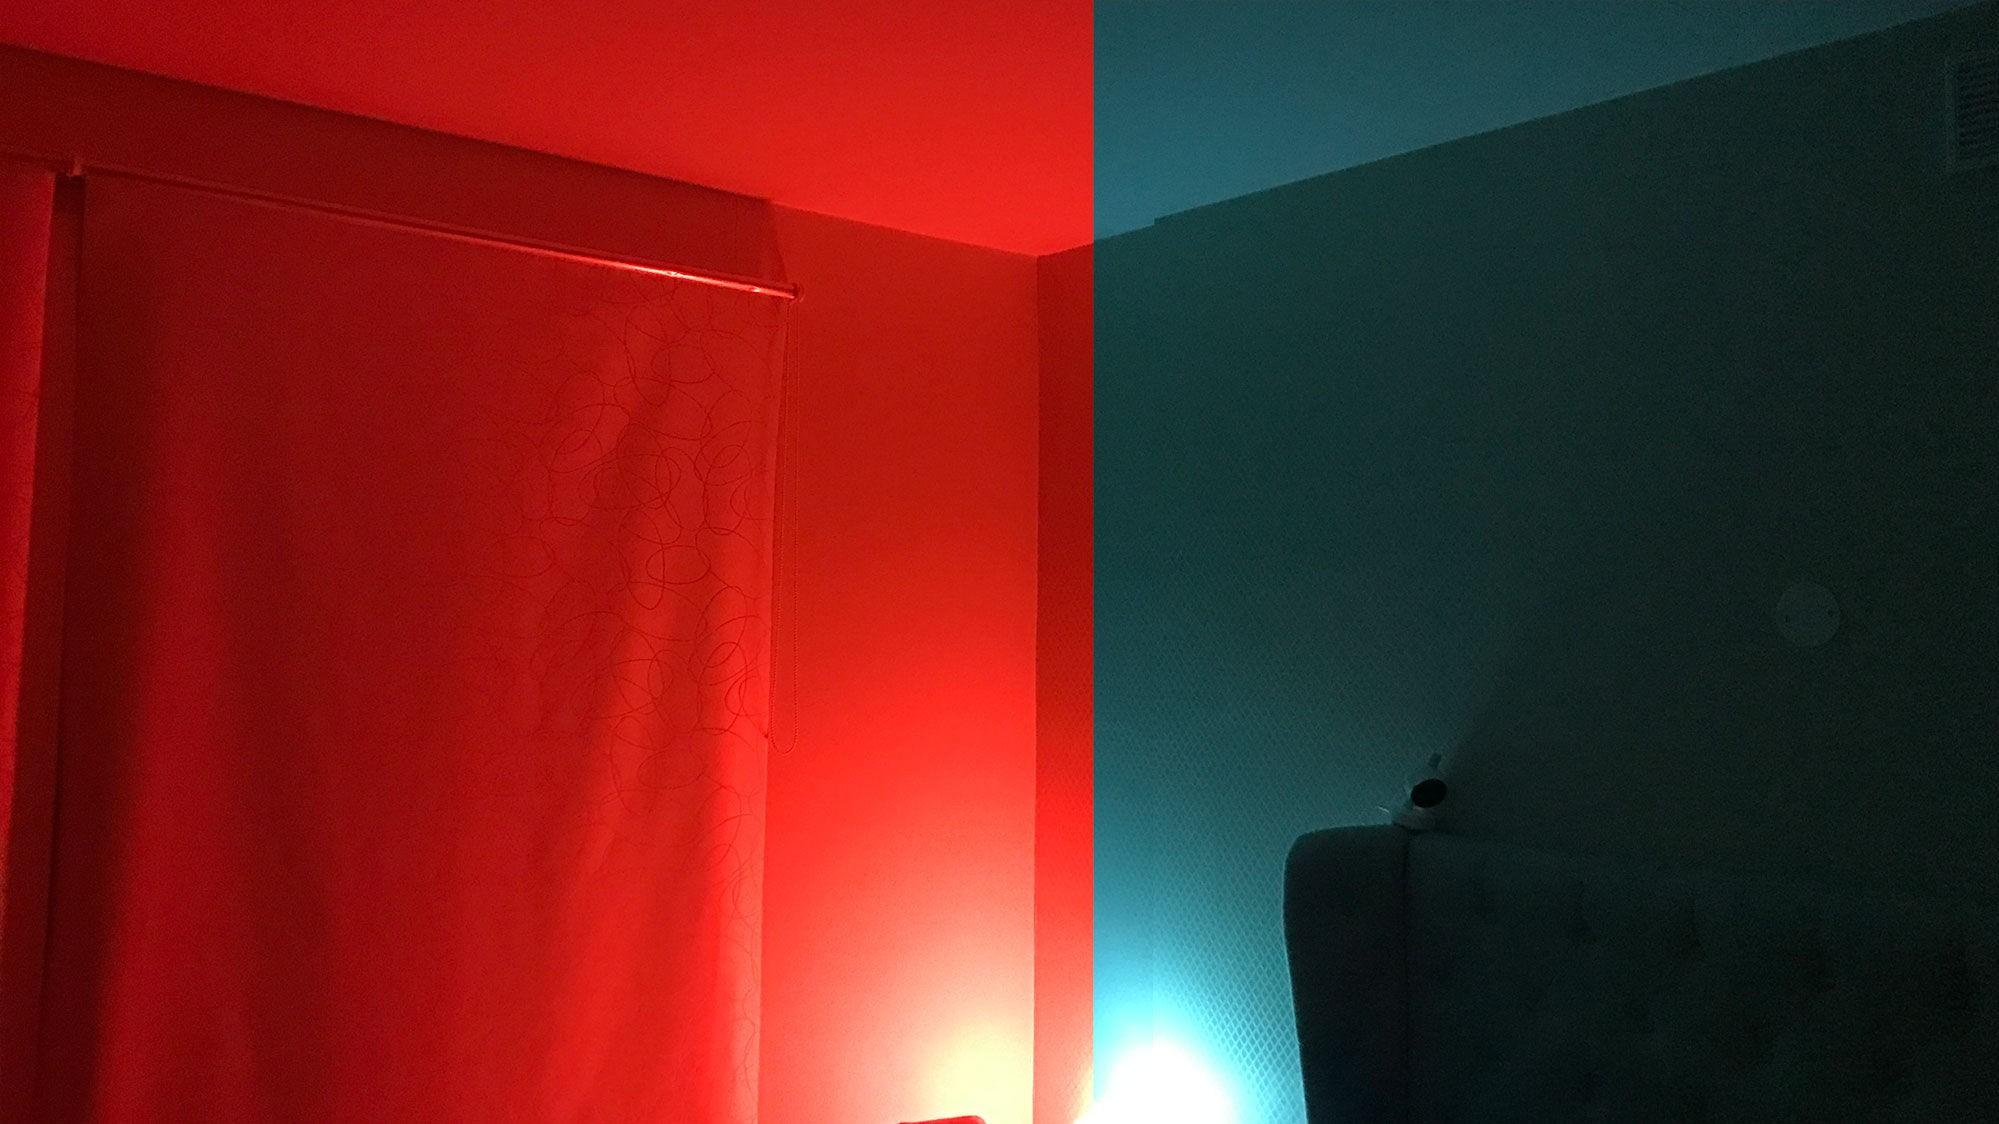 Med Philips Hue kan du enten ha noen få lamper i huset som skaper litt ekstra fargeglede der du selv kan sette fargetonene - eller bytte ut alle lampene i hele huset for en fullstendig smartstyring av lys.